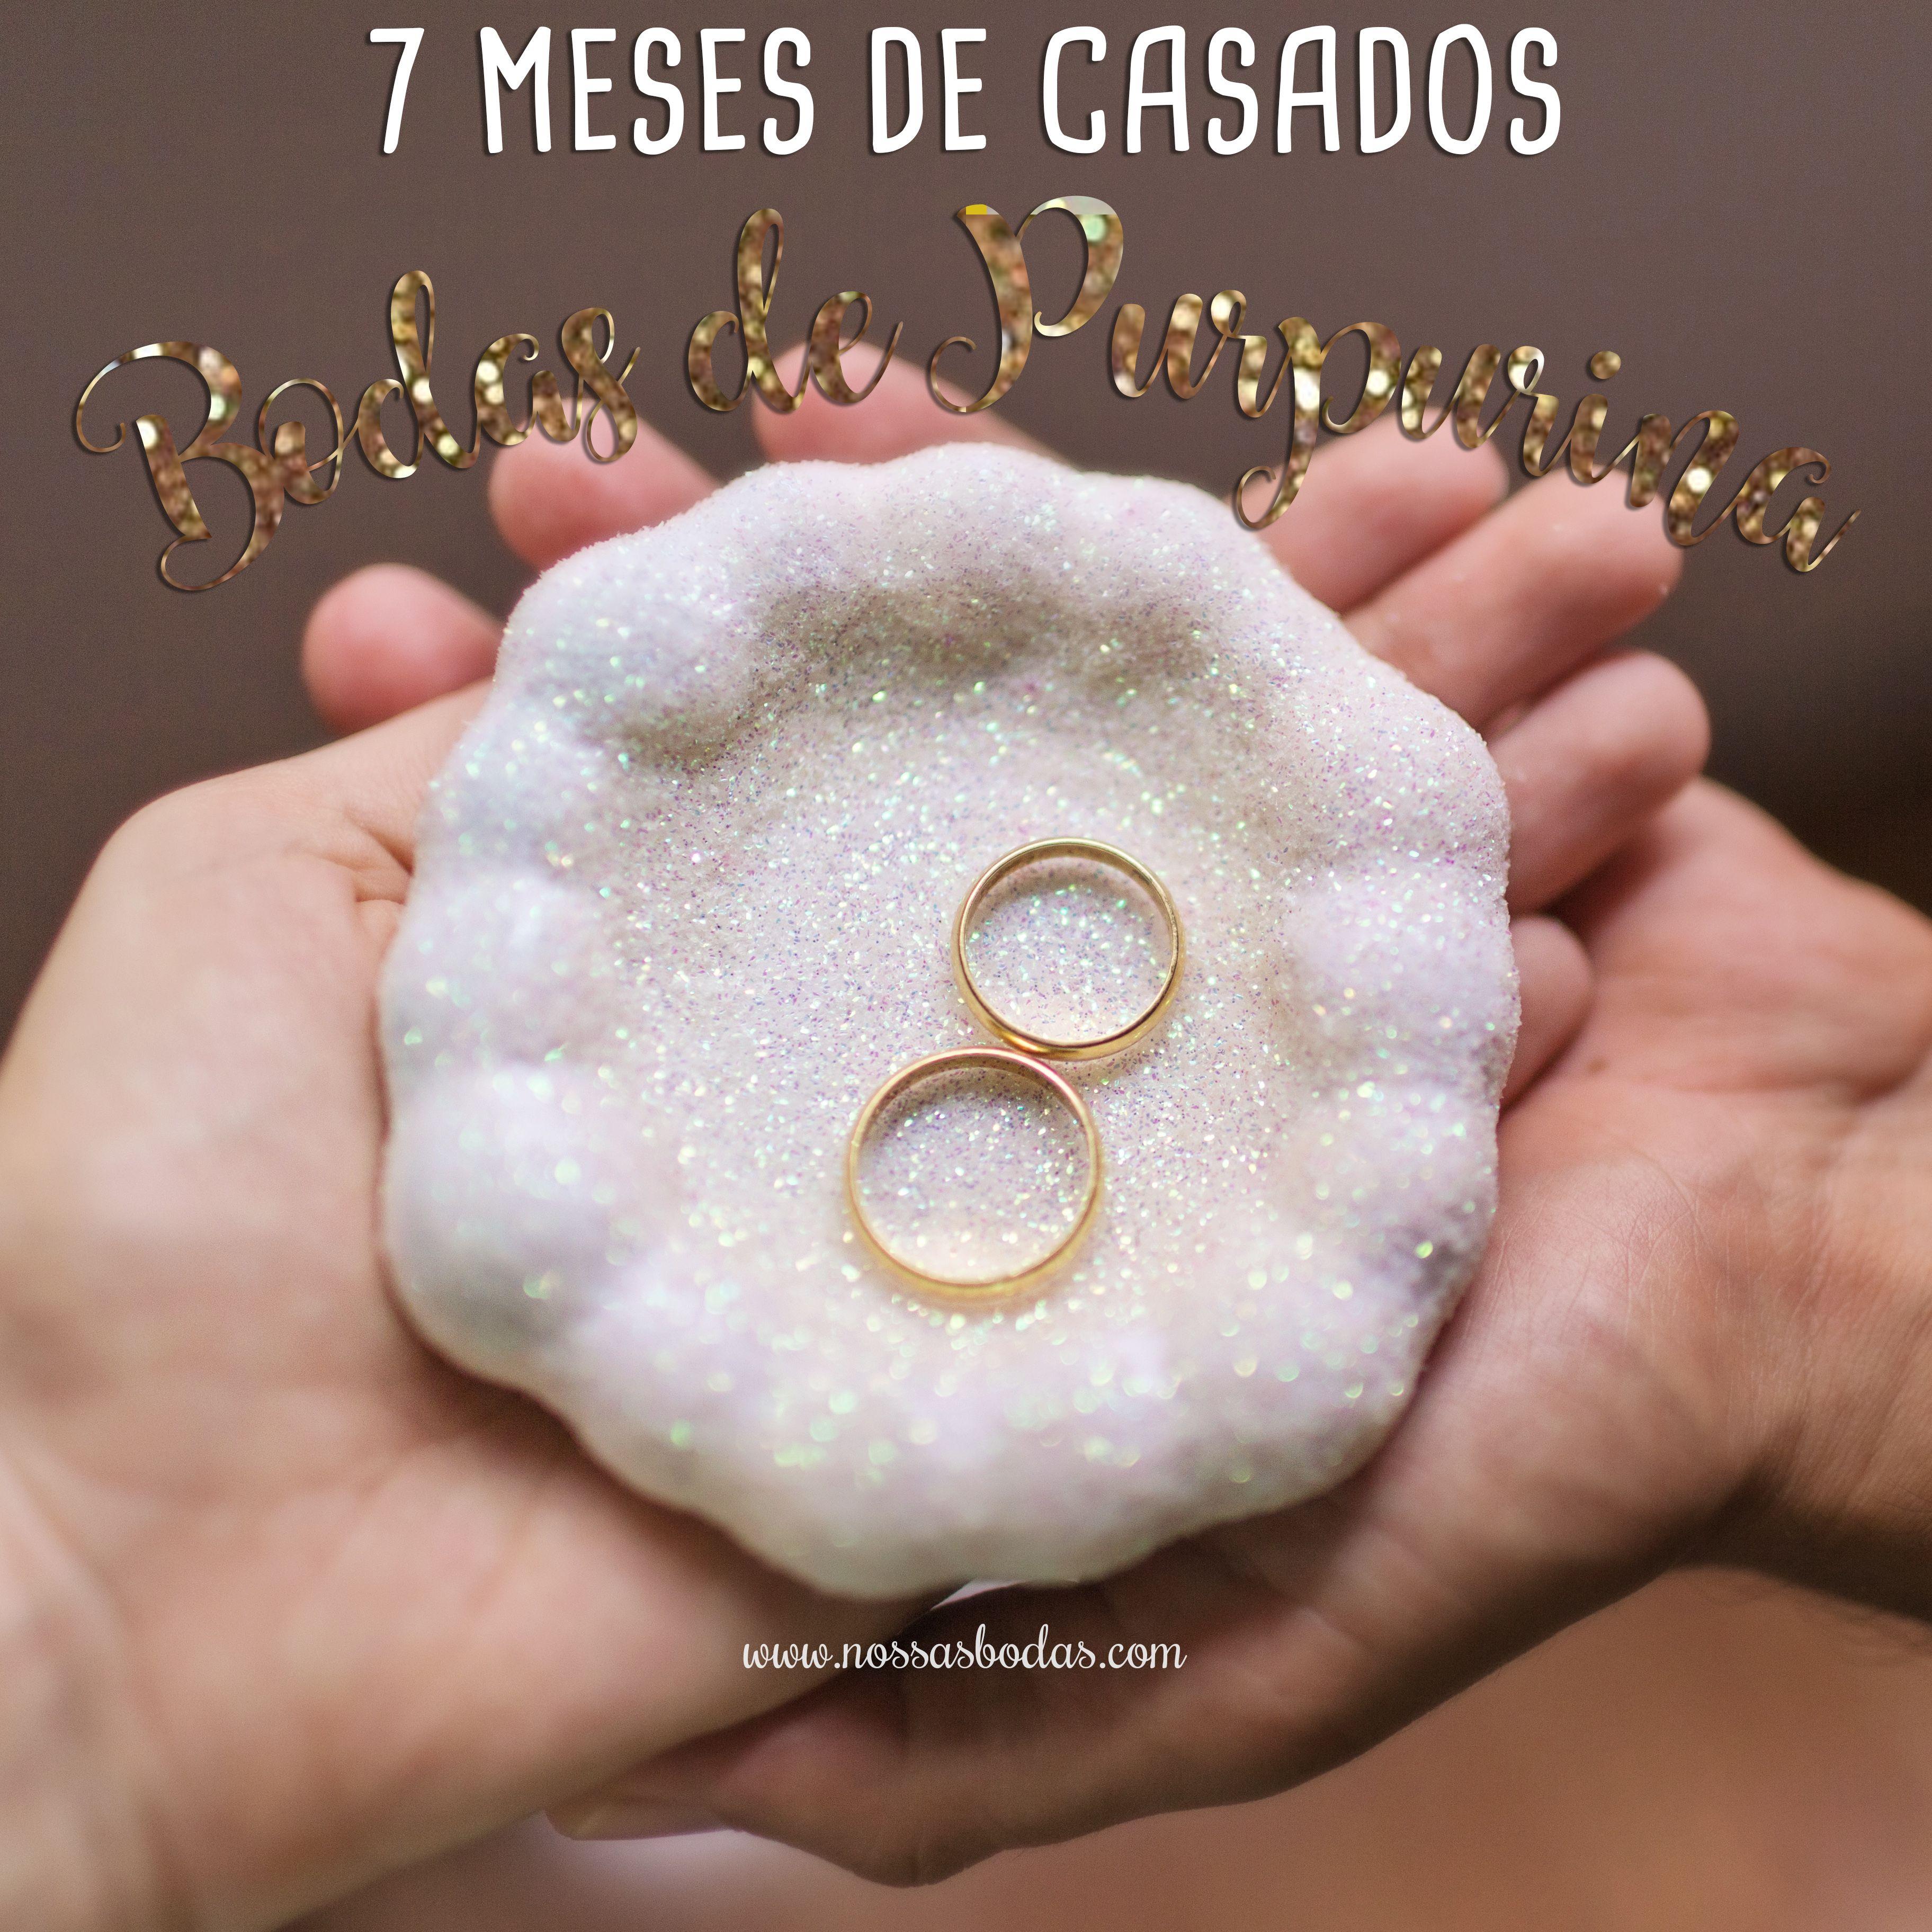 Bodas De Purpurina Com Imagens Aniversario De Casamento Bodas